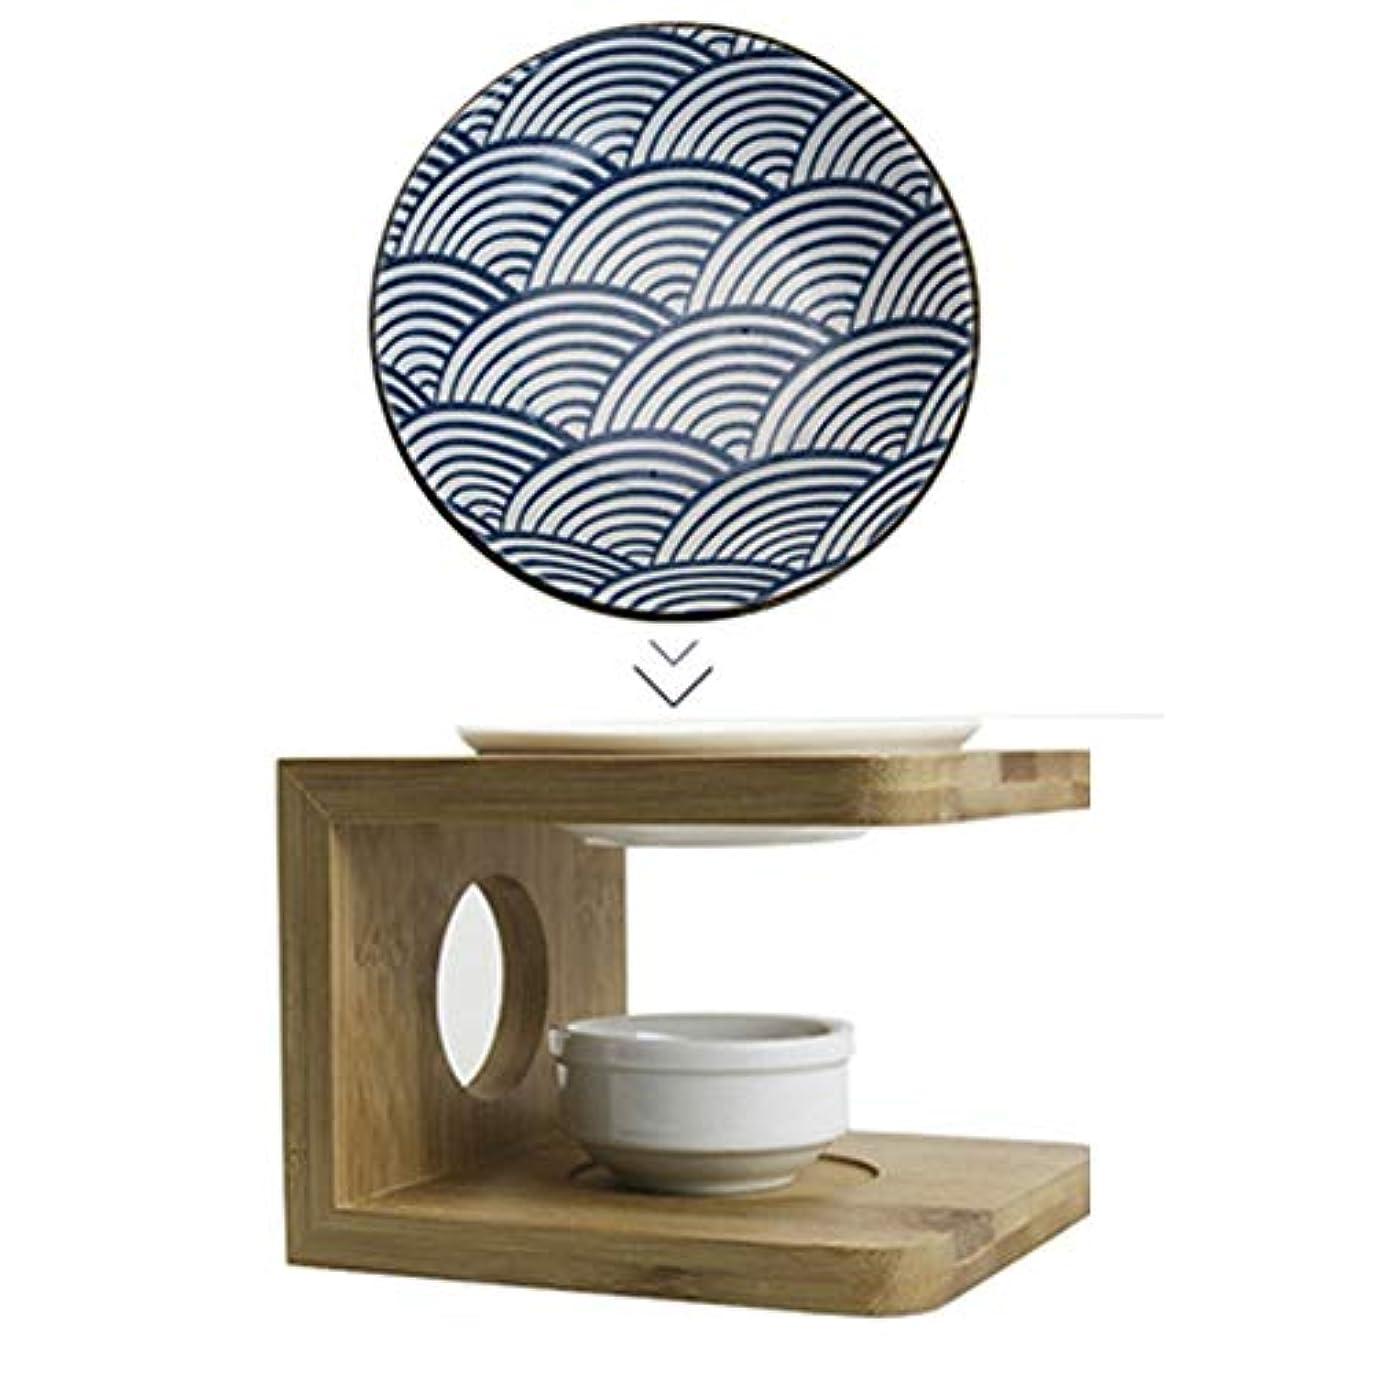 登録振るう受粉するお換えのお皿 青いお皿茶香炉 陶器茶香炉 茶こうろ 茶 インテリア アロマディフューザー 精油和風 アロマ リビング セット (ブルー)